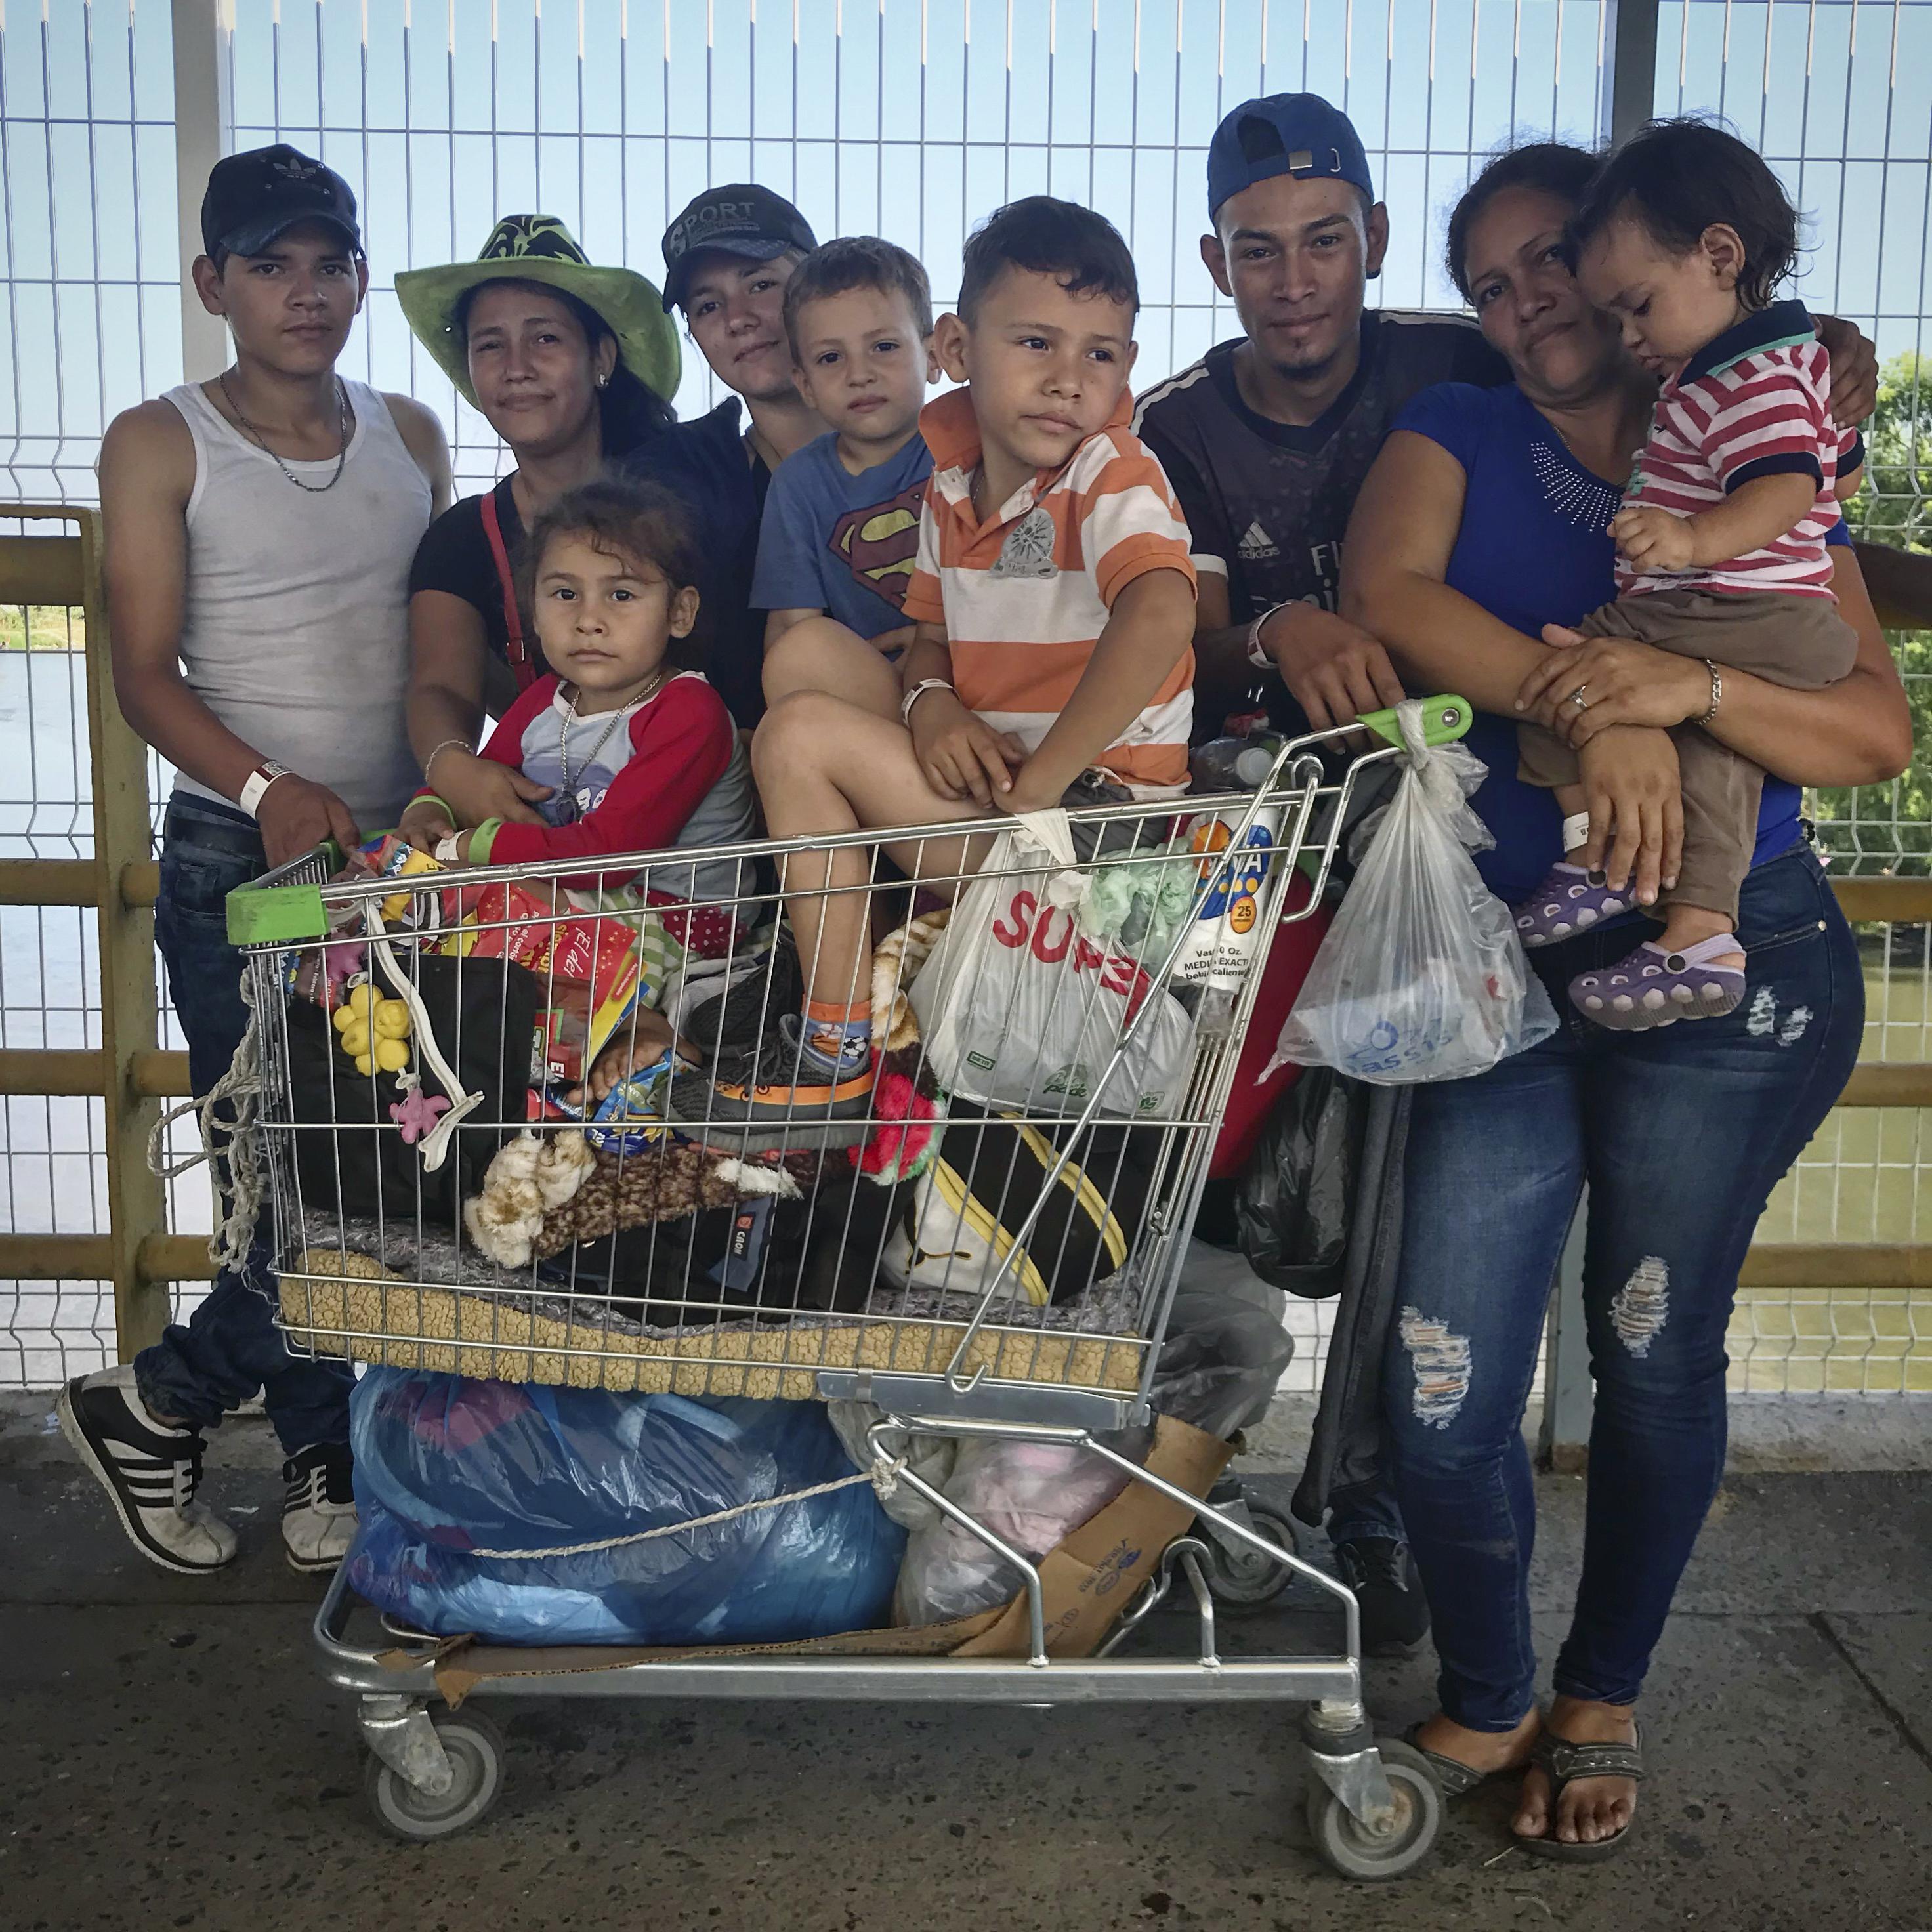 1549909759427-5-Familia-que-viaja-a-pie-a-Estados-Unidos-en-espera-de-su-visa-humanitaria